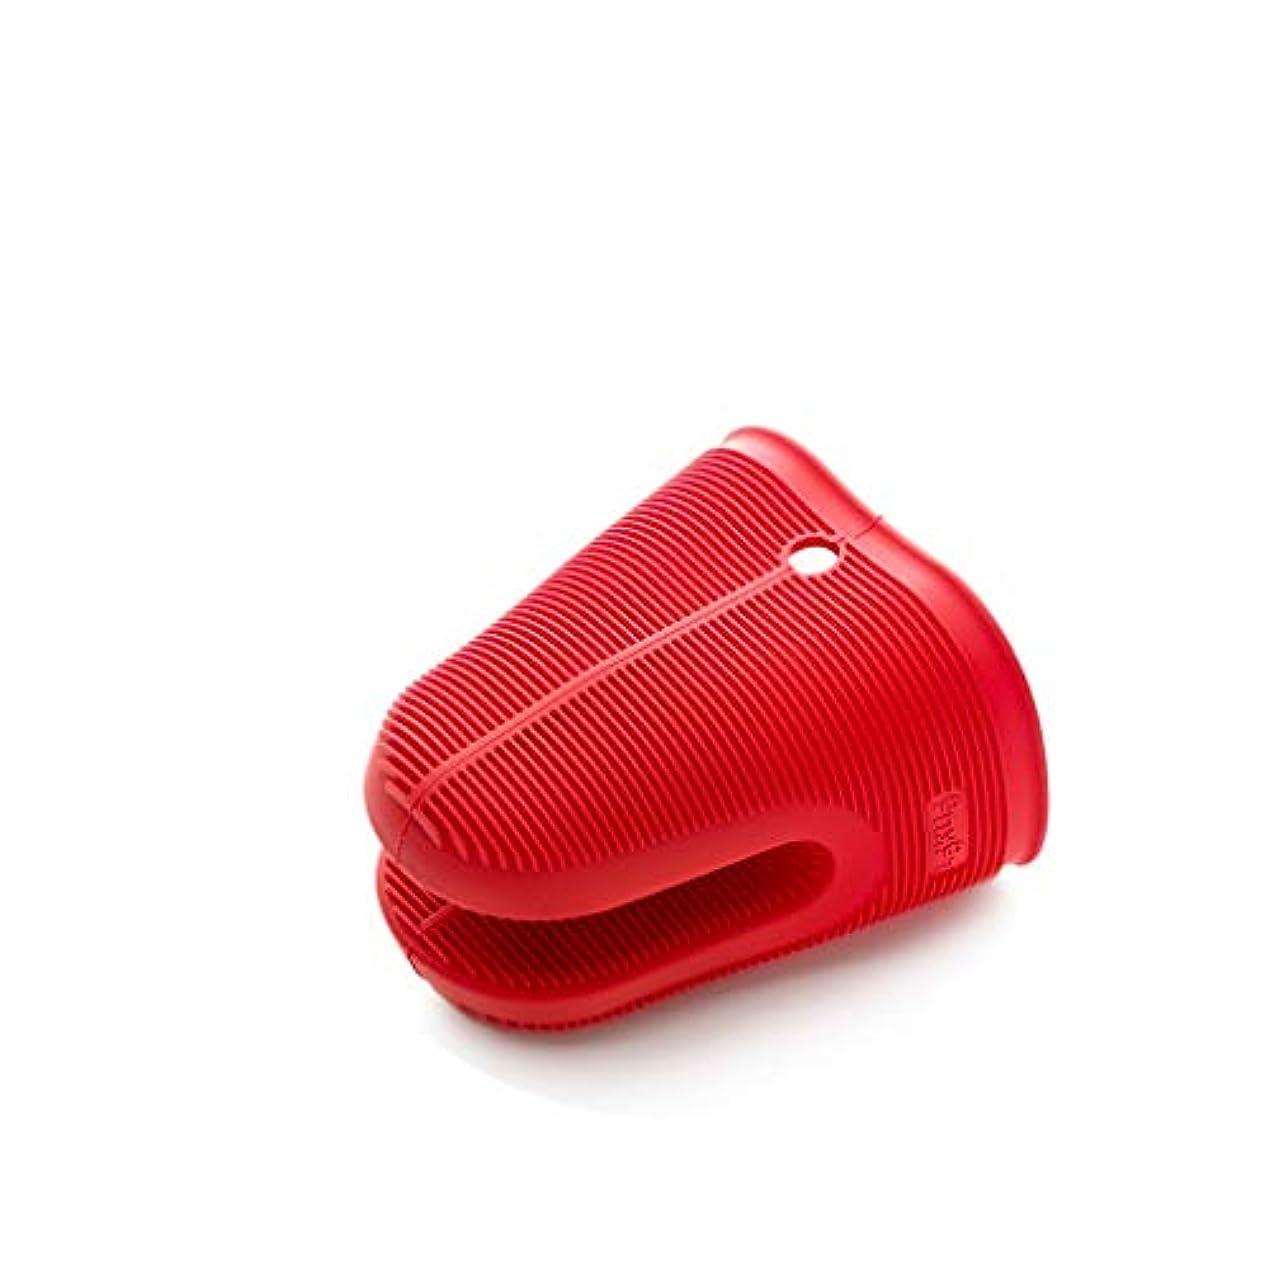 厚い酔う受動的QCRLB 滑り止めの絶縁クリップシリコンの焦げ付き防止クリップ高温耐性手袋家庭用の焦げ付き防止手袋11.8 * 9.5 * 13.5センチ赤 ゴム手袋